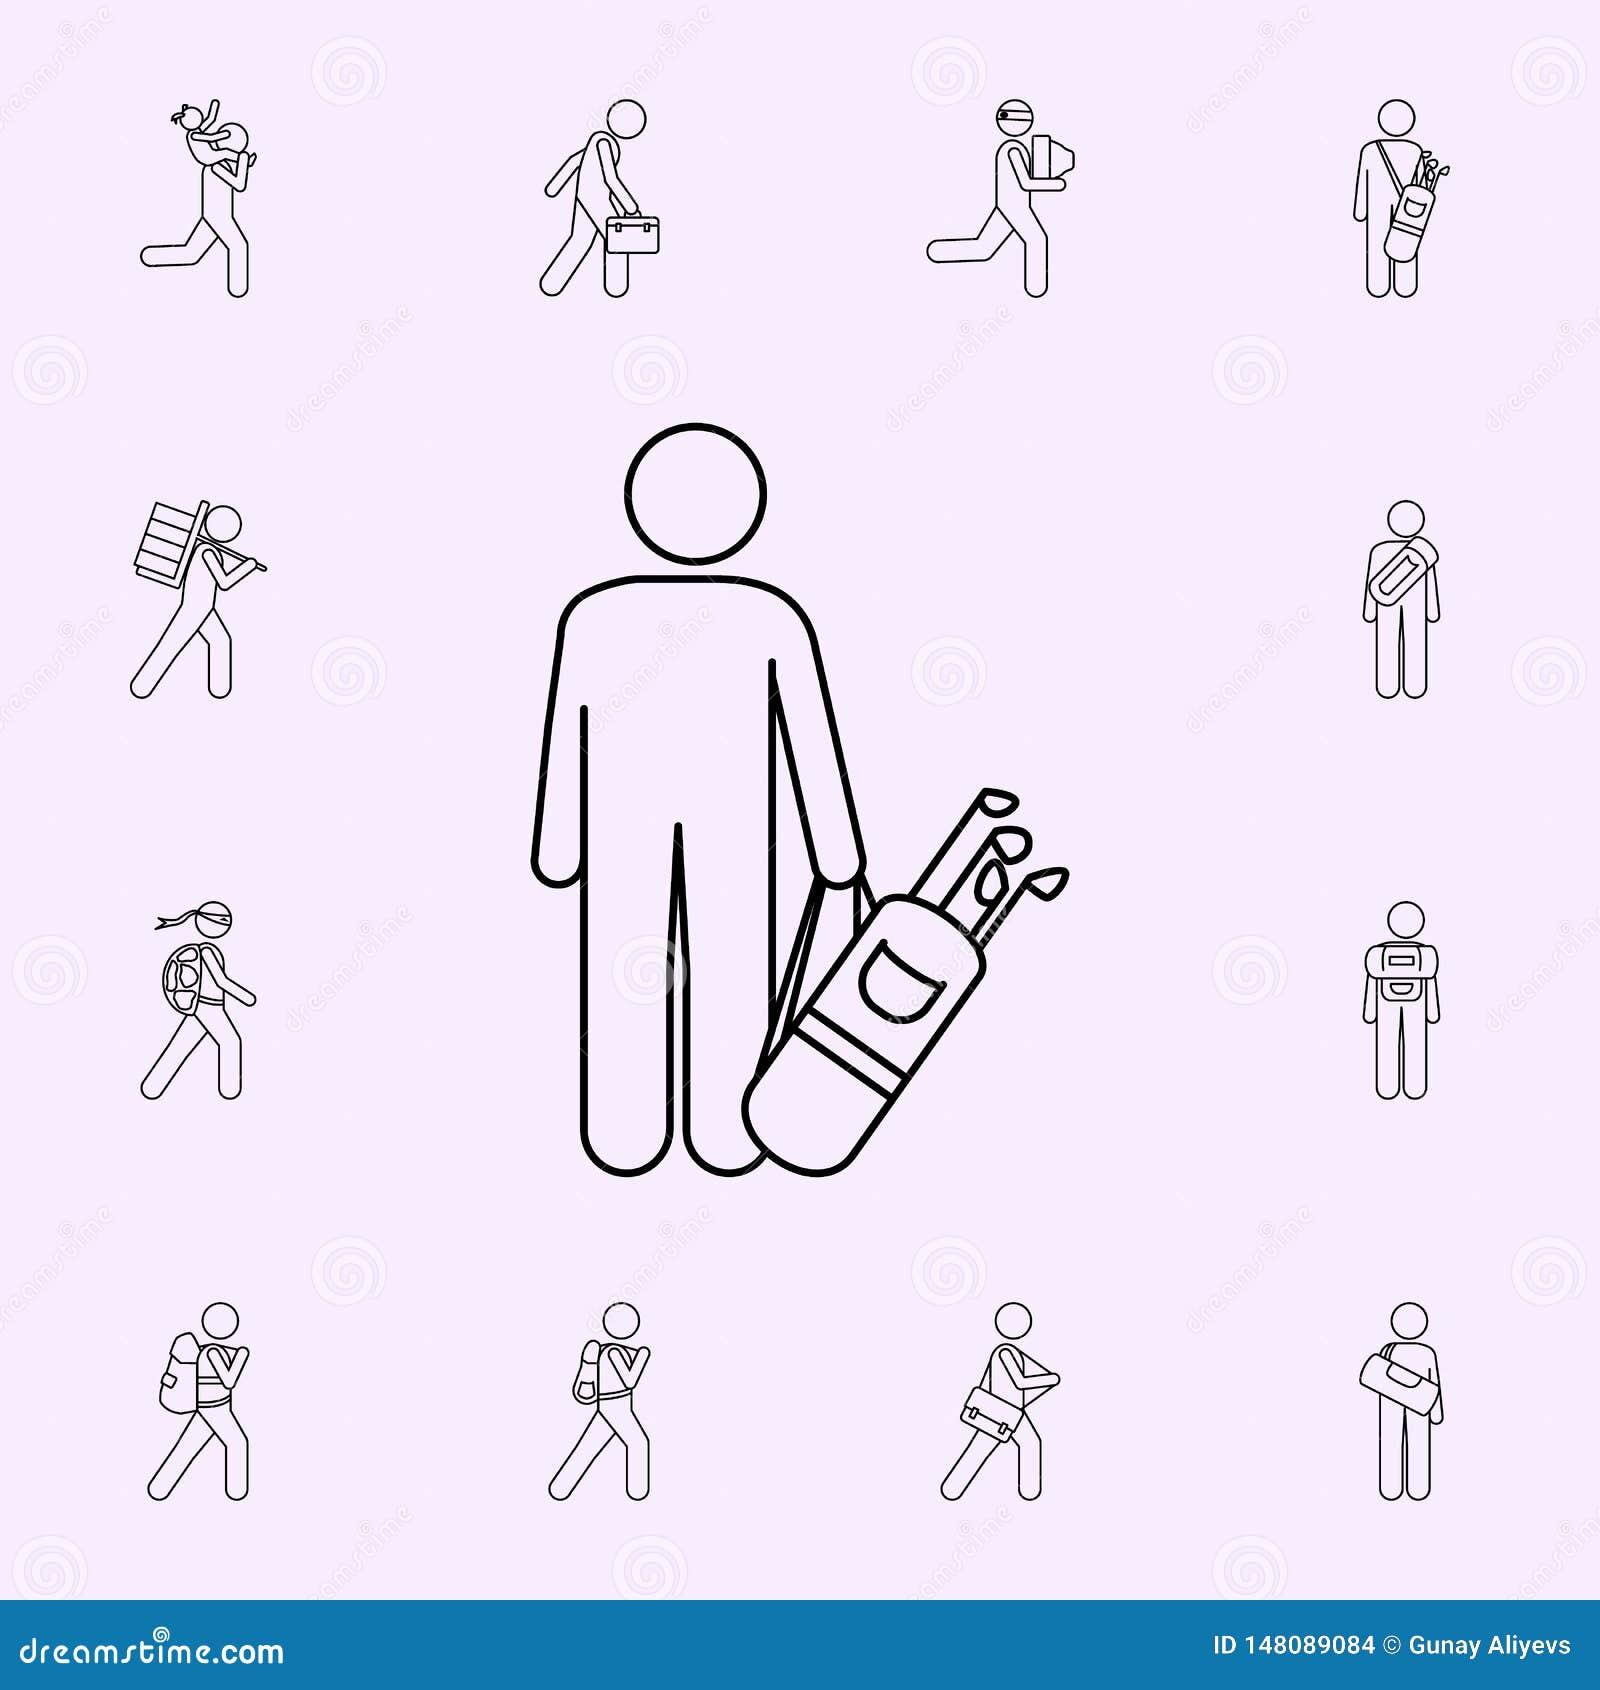 Mann mit Golftascheillustrationsikone M?nnlicher Taschen- und Gep?ckikonenuniversalsatz f?r Netz und Mobile